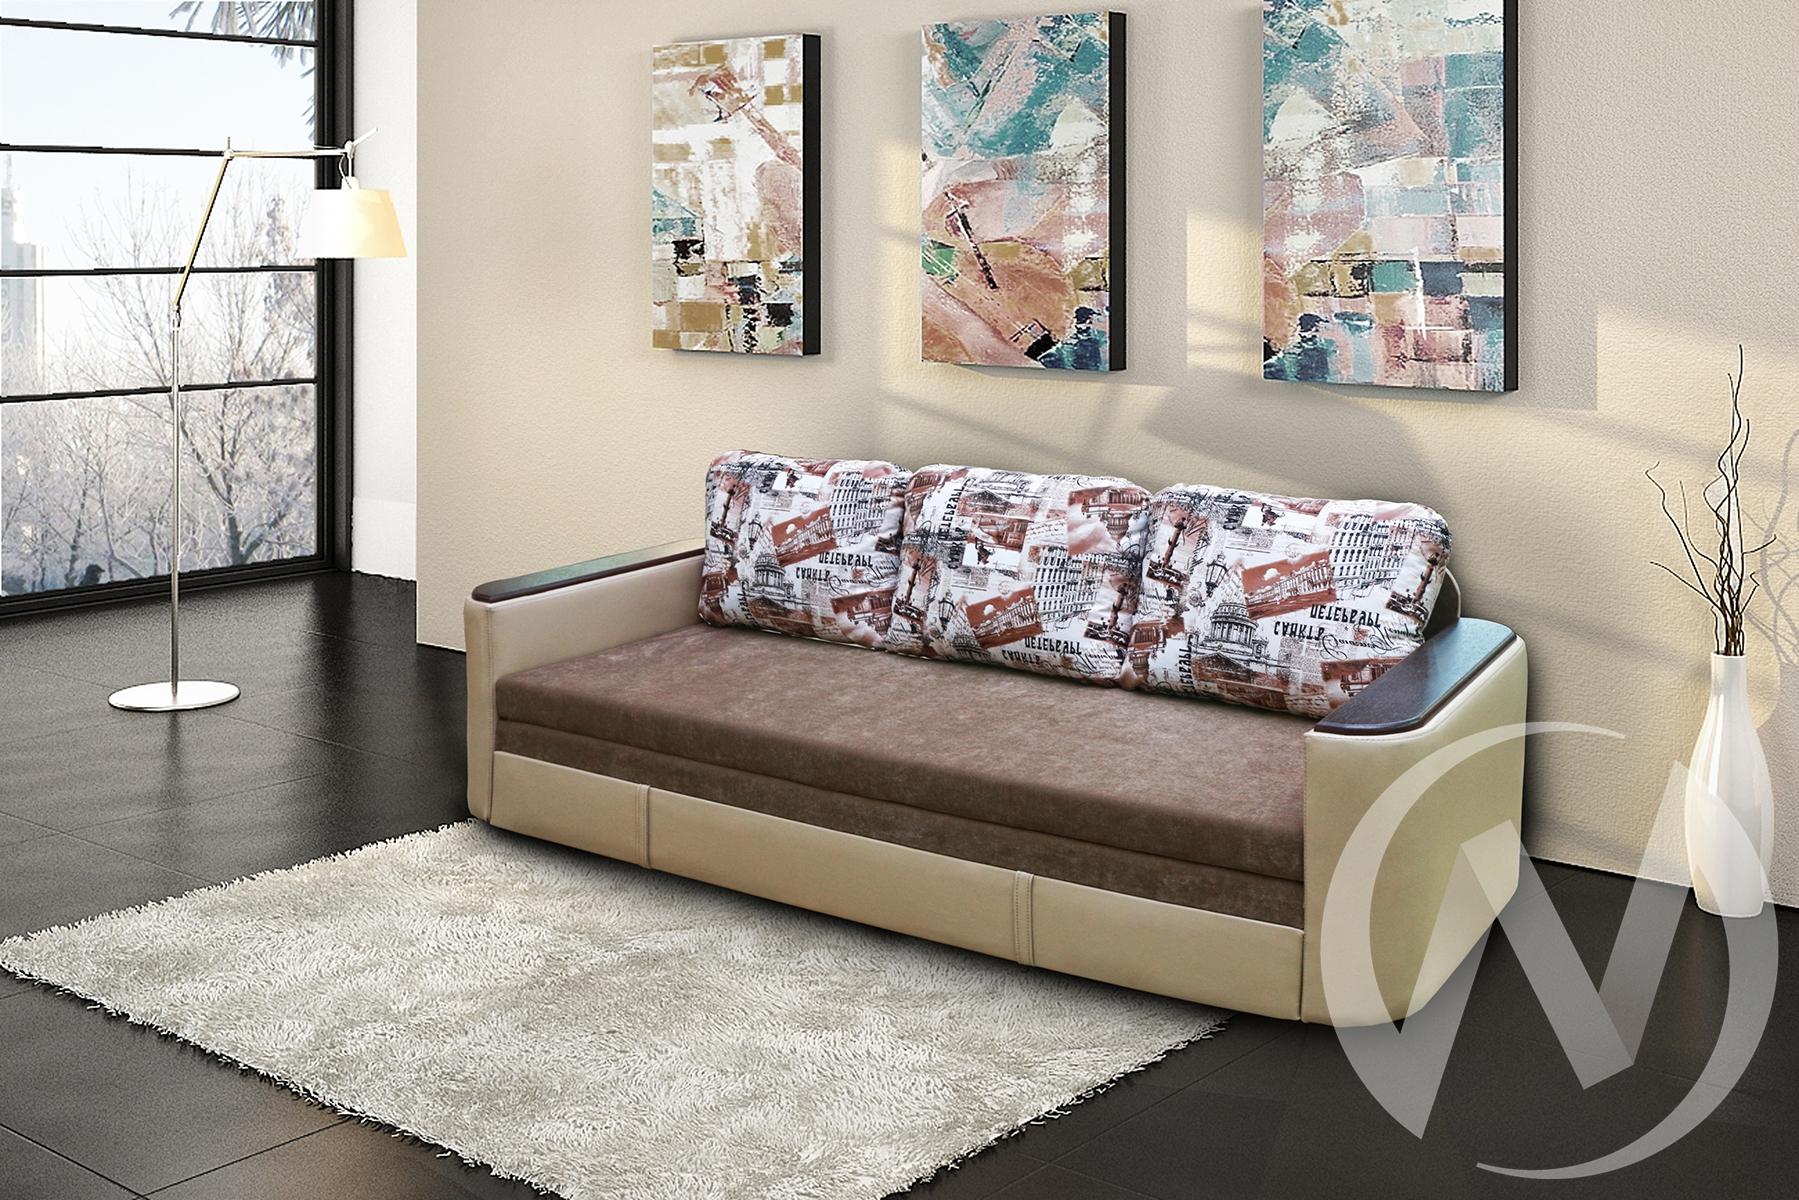 Диван прямой Комфорт в Новосибирске в интернет-магазине мебели kuhnya54.ru